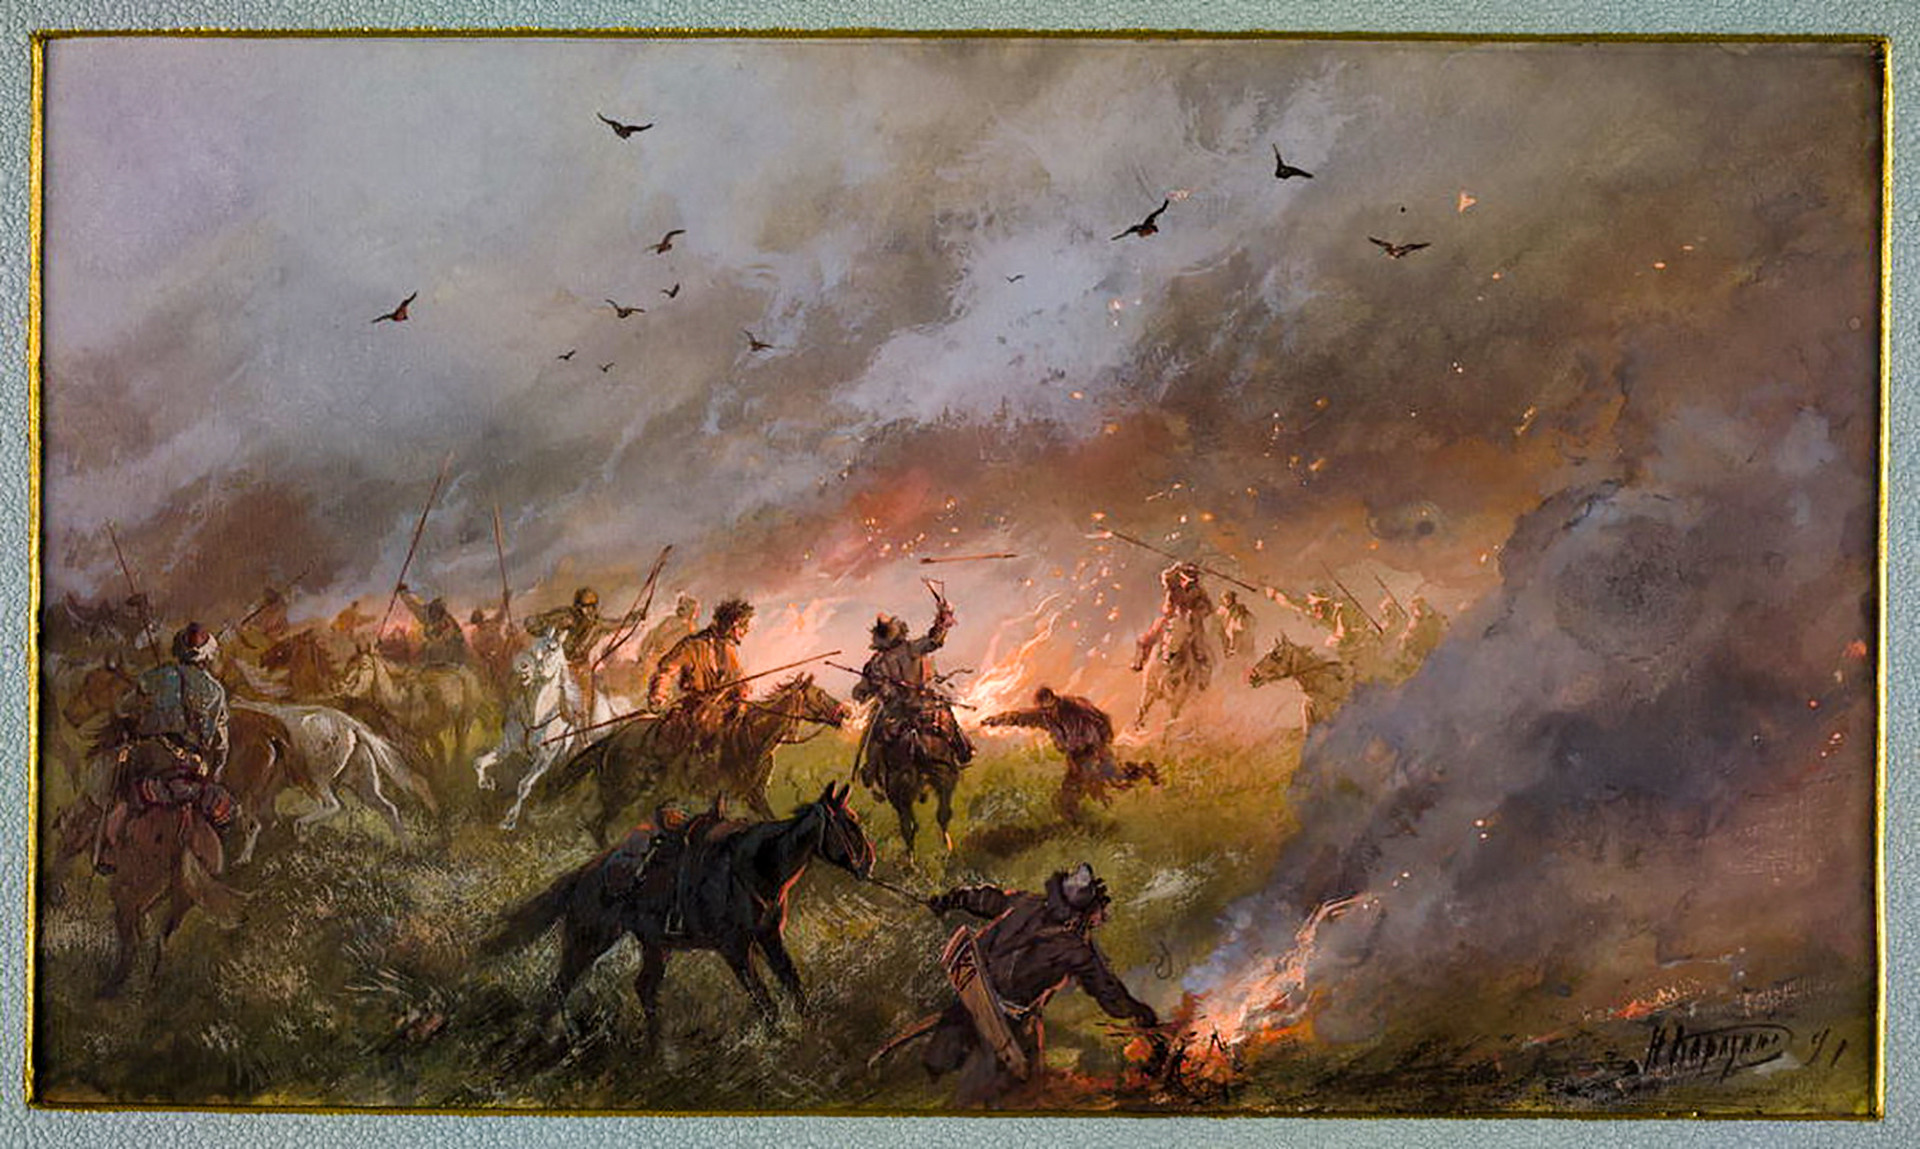 Las tropas de Pugachov luchan en Siberia, obra de N. Karazin.